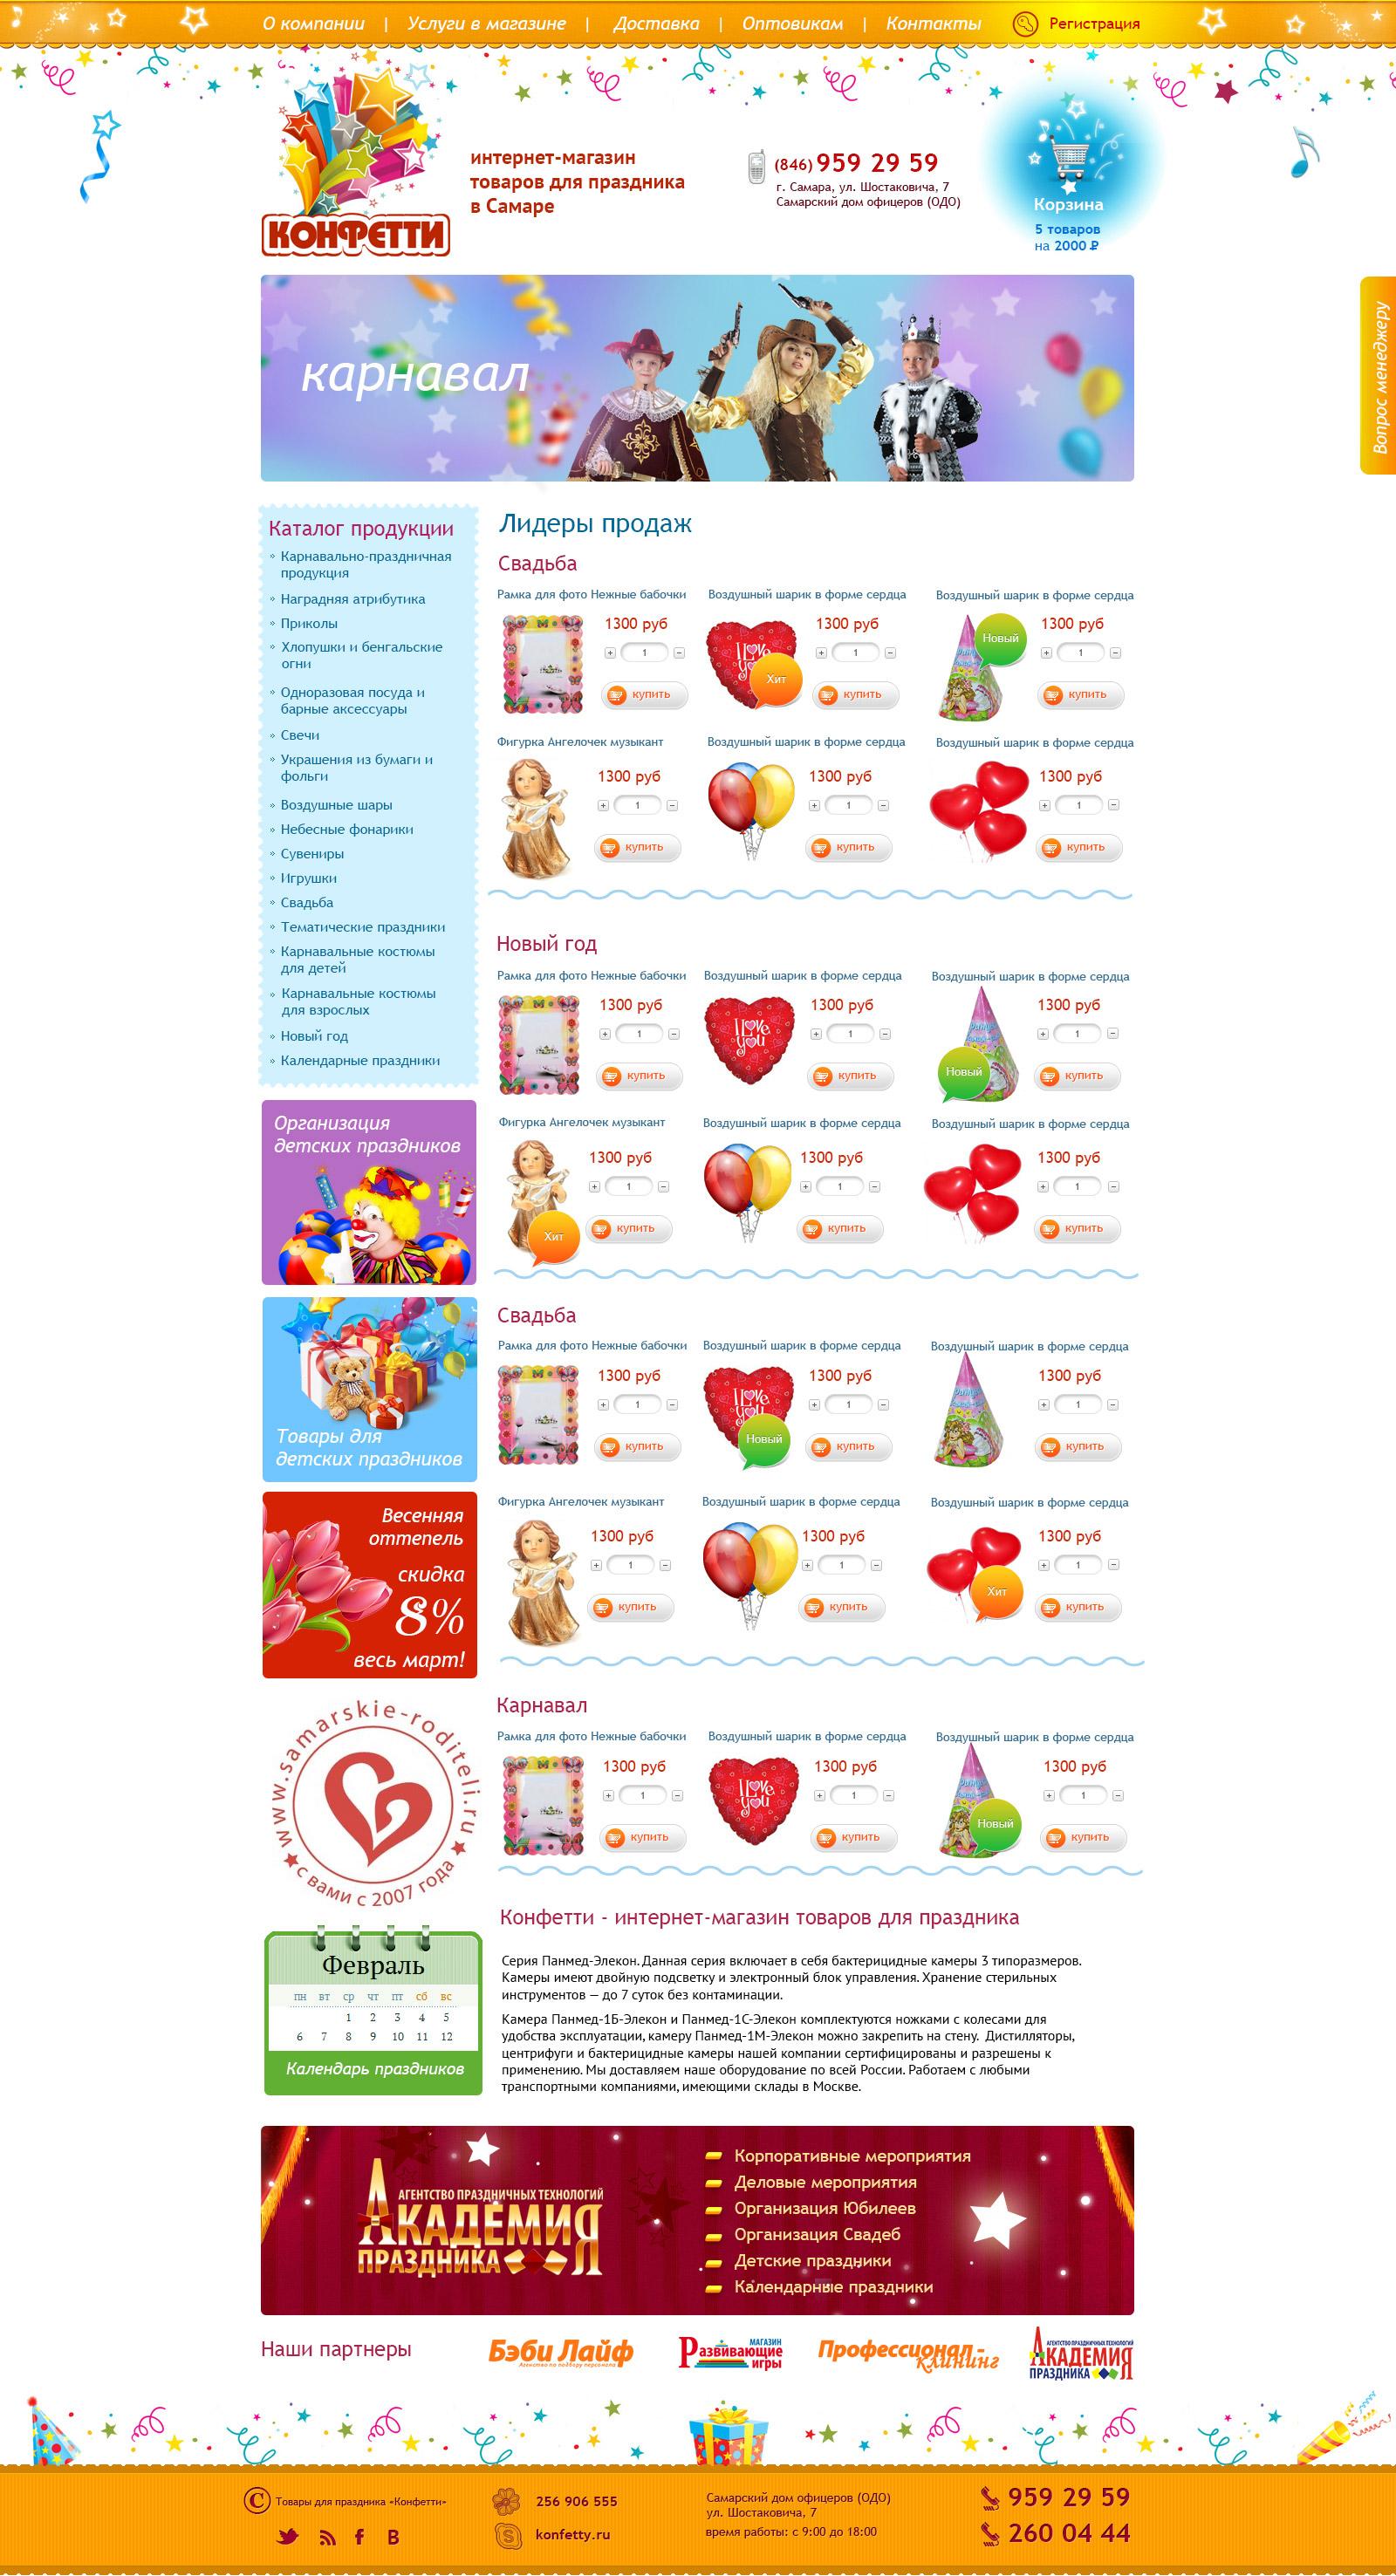 Конфетти - интернет-магазин товаров для праздника